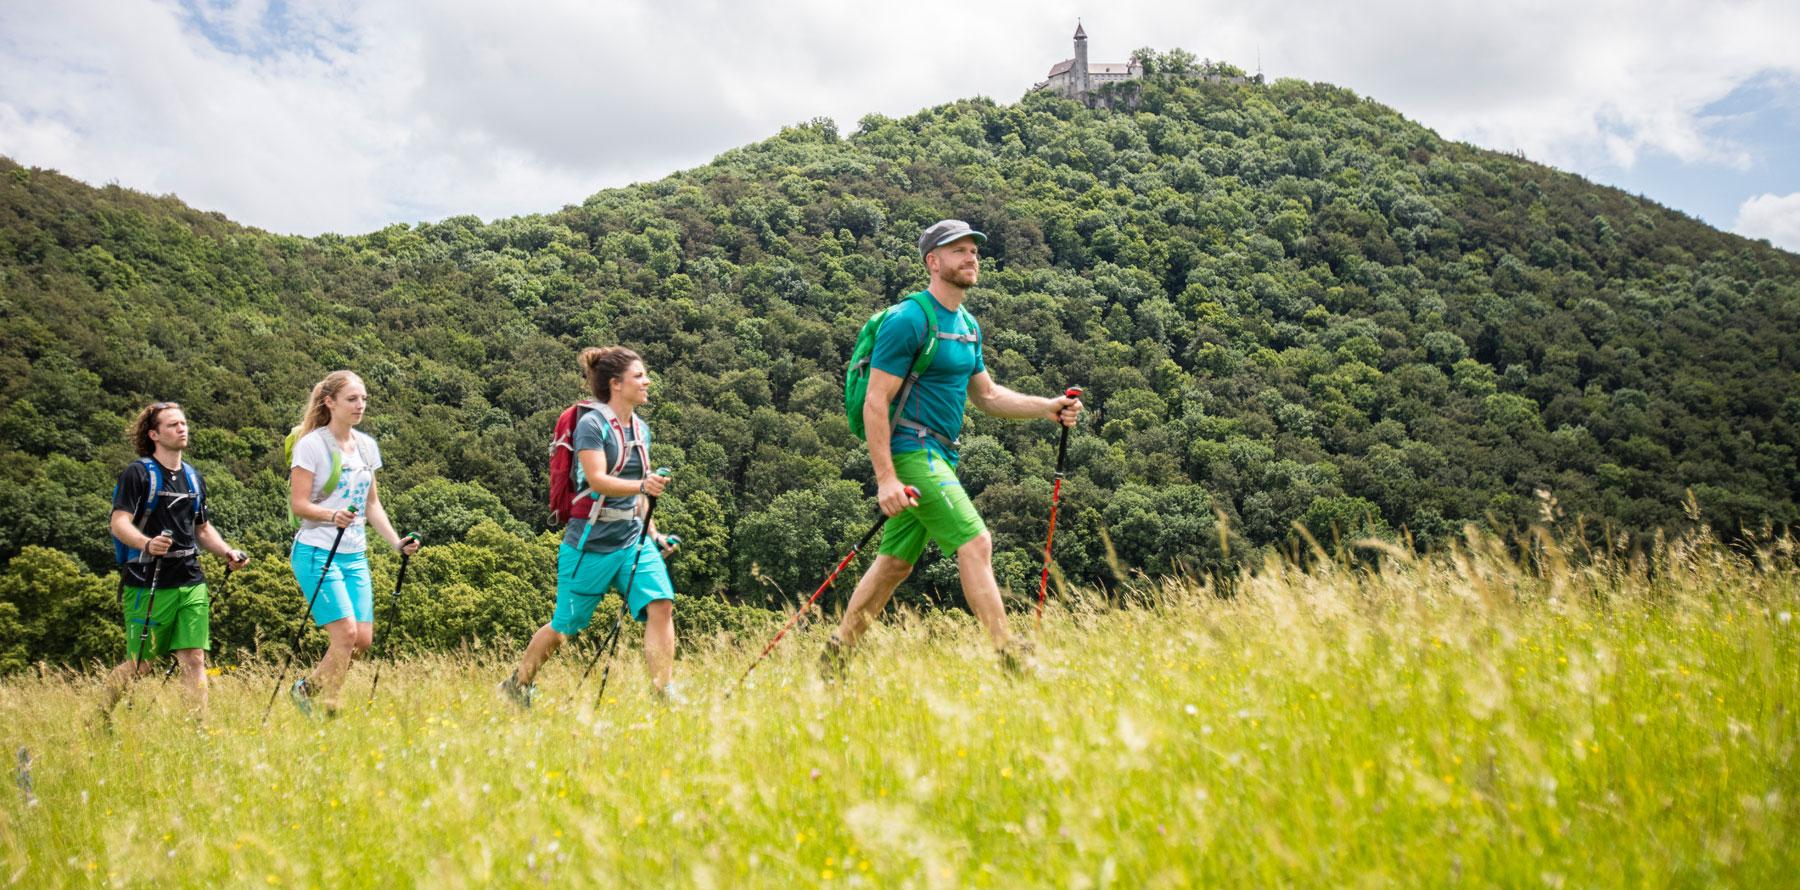 Junge Wandergruppe, im Hintergrund die Burg Teck